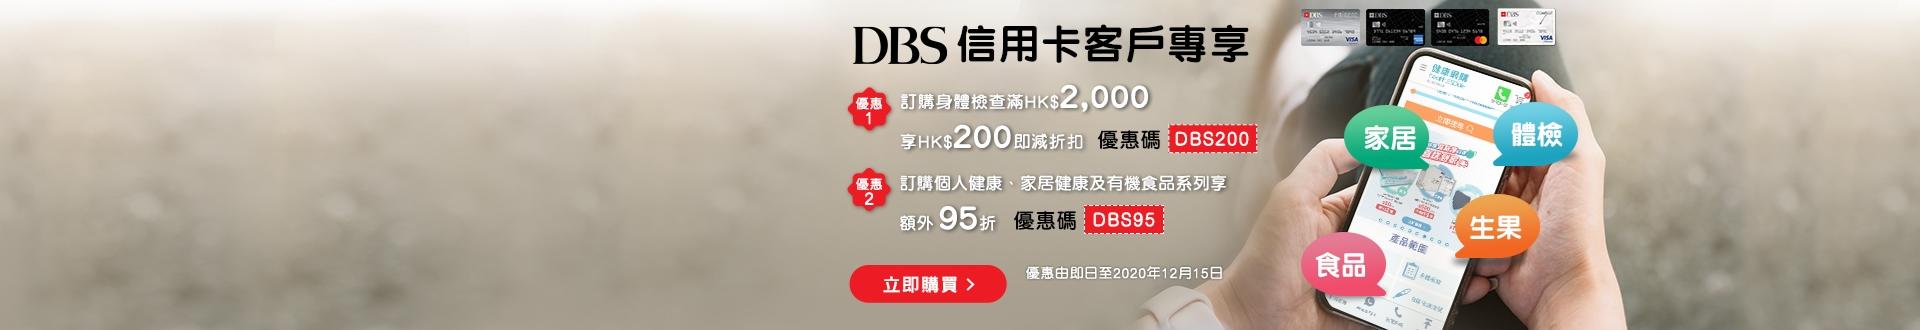 16Oct_DBSJP